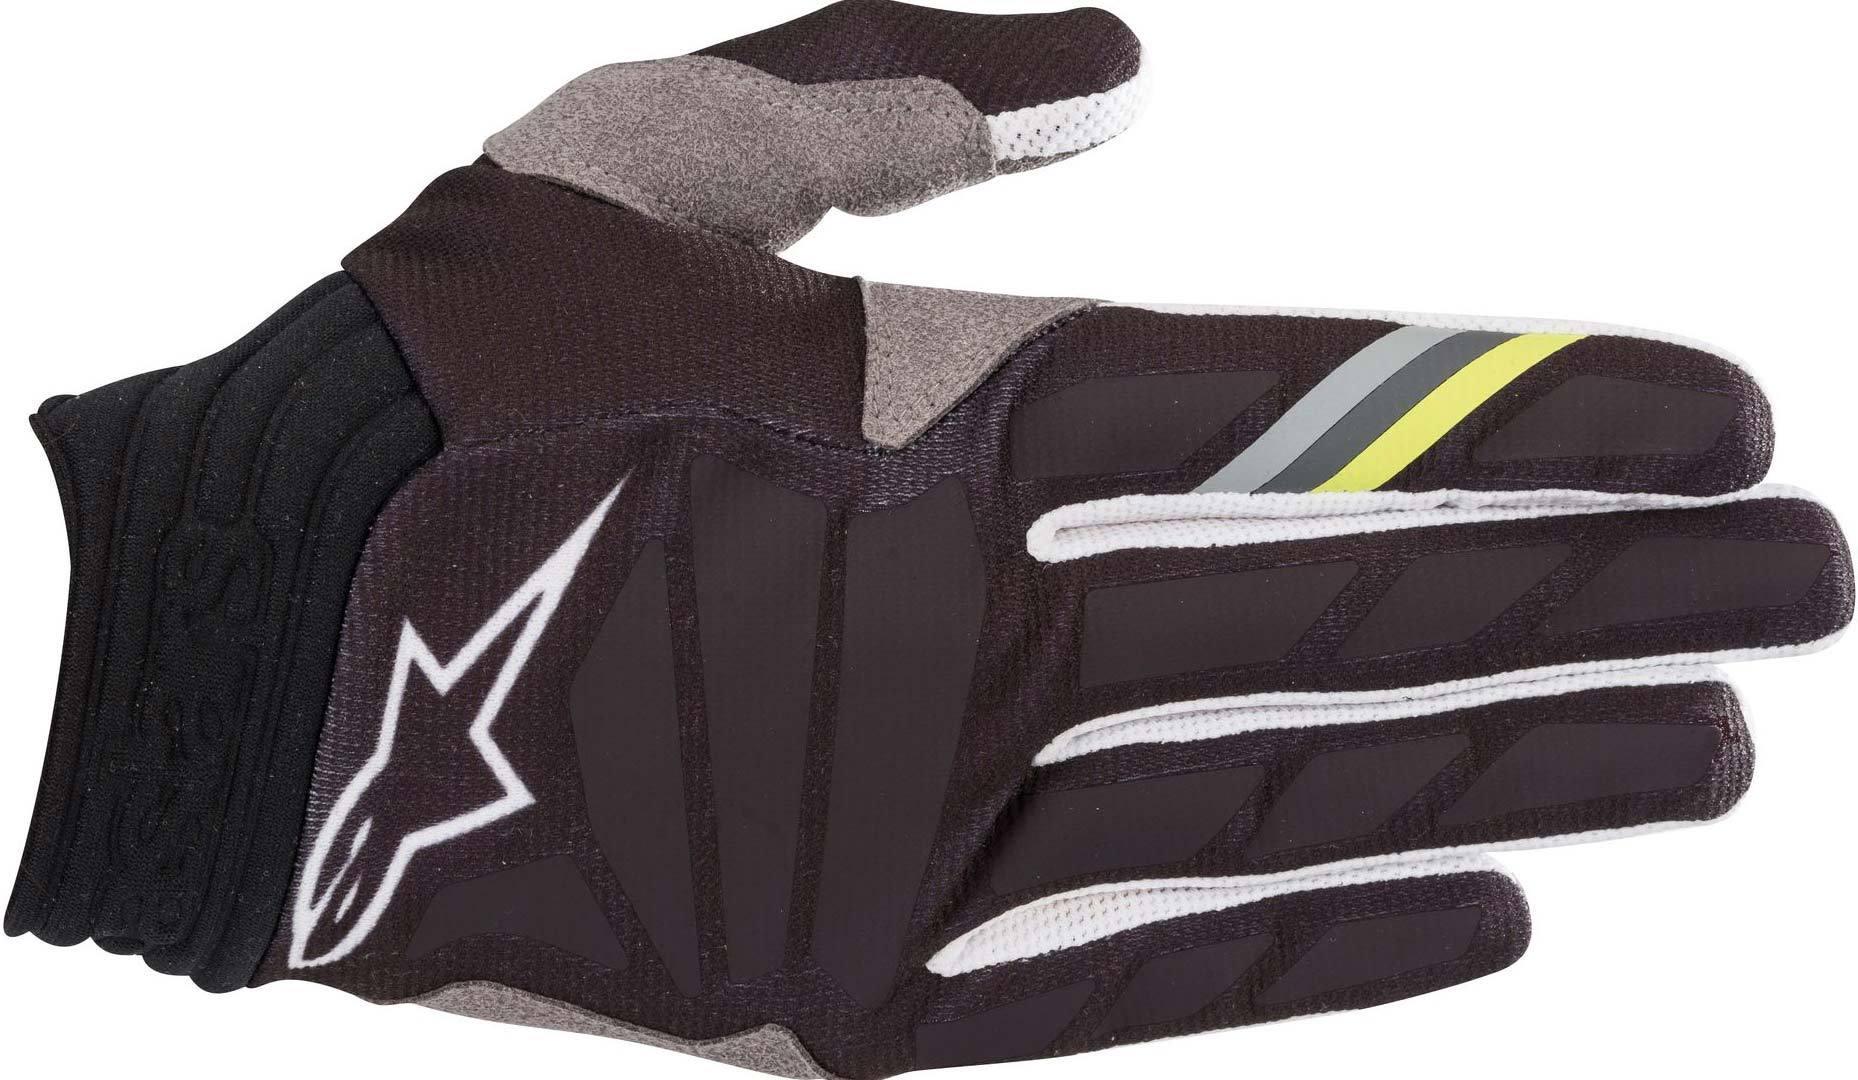 Alpinestars Aviator Motocross Gloves Black Grey L